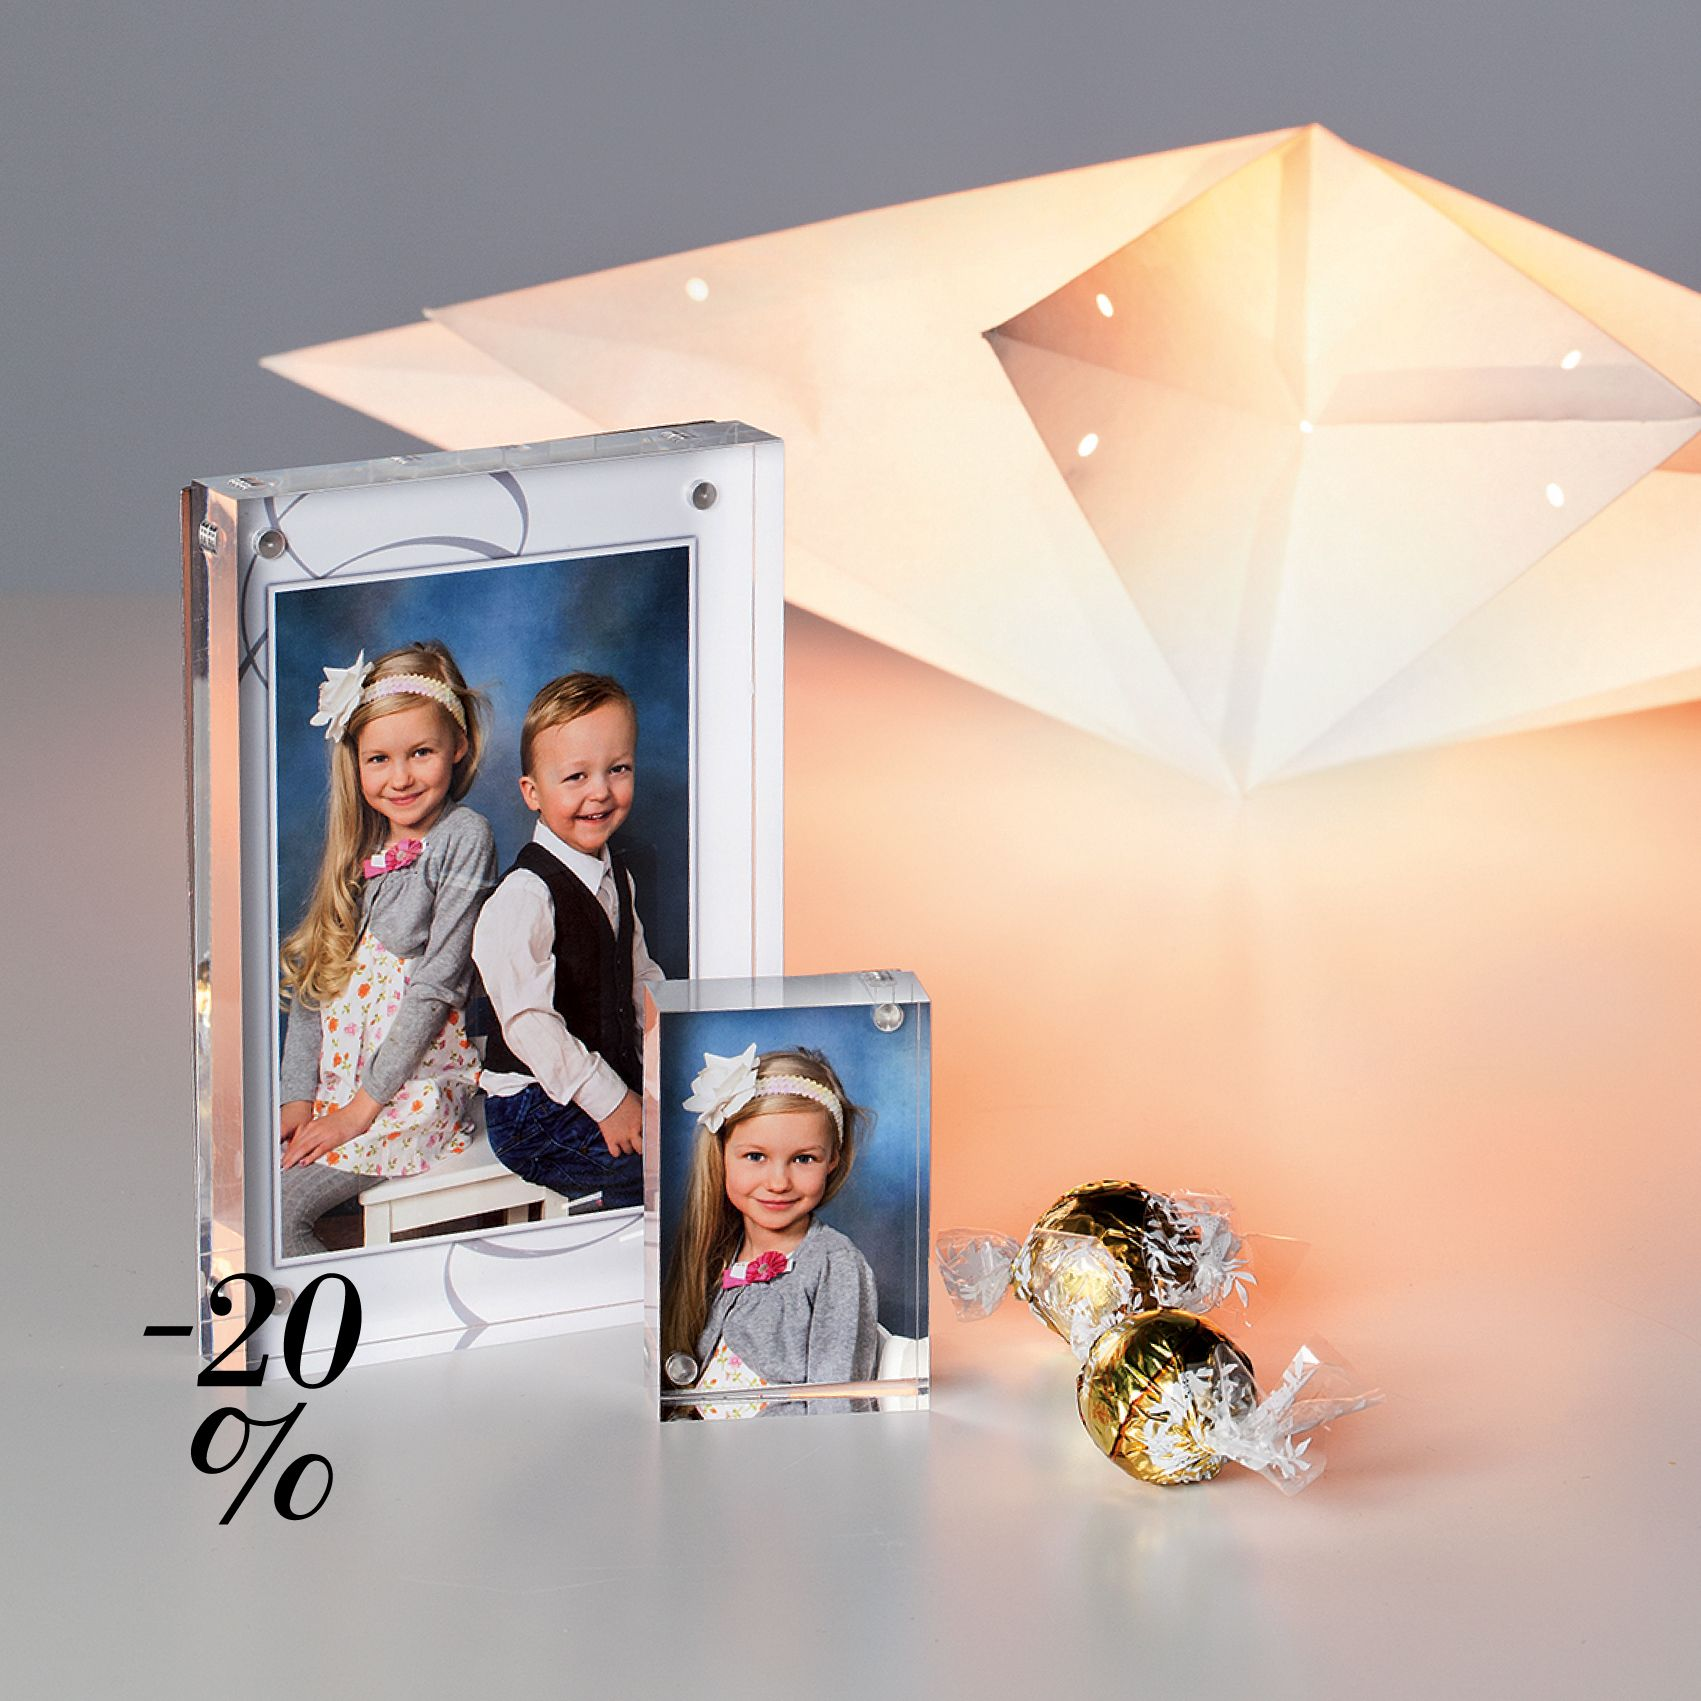 Loistava lahjavinkki. Upeat akryylitaulut nyt tarjoushintaan. | Alk. 12,50€ (ovh. 15,90€). Tarjous on voimassa 11.12.2015 asti. | www.kuvaverkko.fi | #akryylitaulu #taulu #ale #joulu #joululahja #lahjaidea #sisustusidea #somistus #tunnelma #koulukuva #valokuva #kuvatuote #clickandmix #kuvaverkko